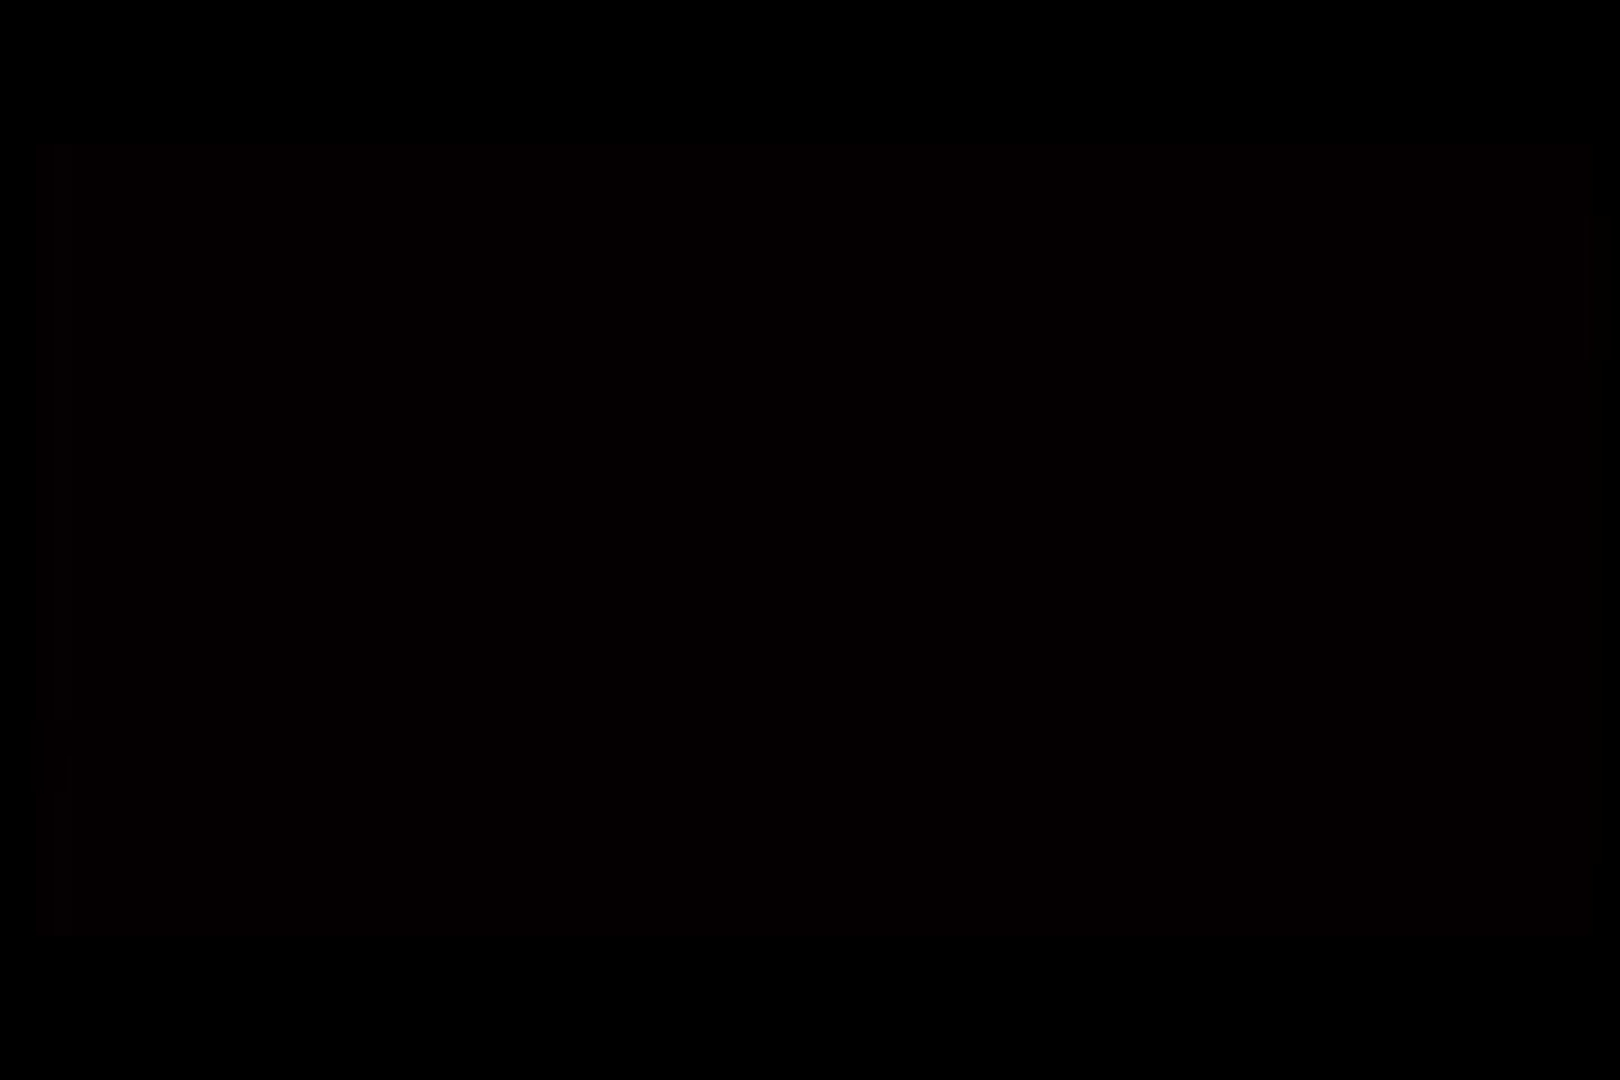 スジ筋ガチムチゴーグルマンvol2 アナル攻撃 | ゴーグルマン ゲイ発射もろ画像 61pic 12